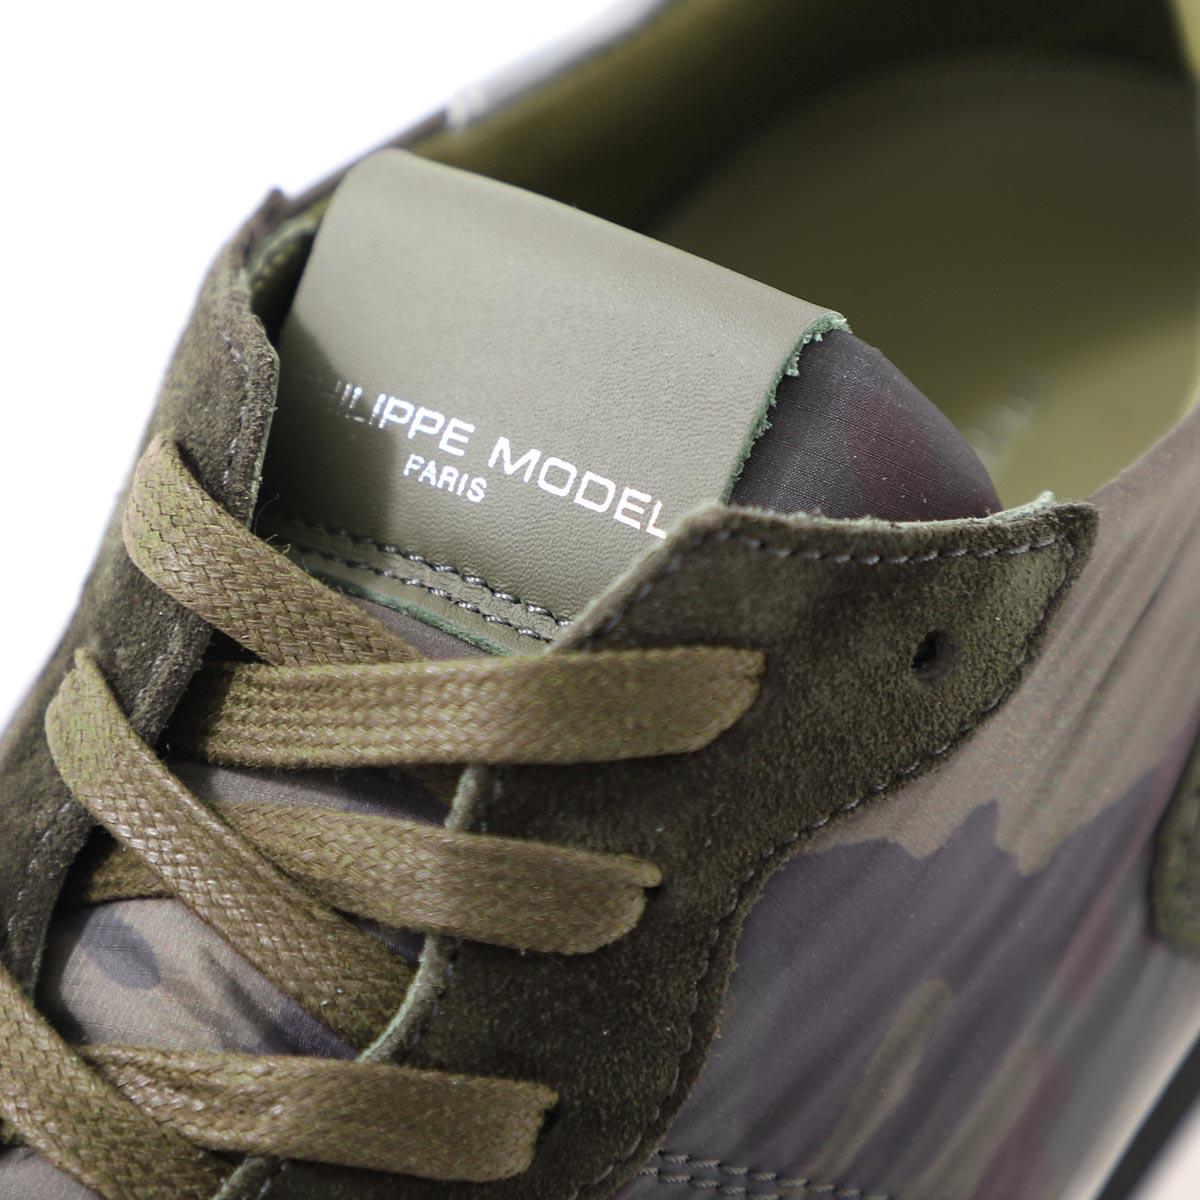 PHILIPPE MODEL PARIS フィリップモデル スニーカー/TRPX L U CAMOFLAGE【大きいサイズあり】 メンズ